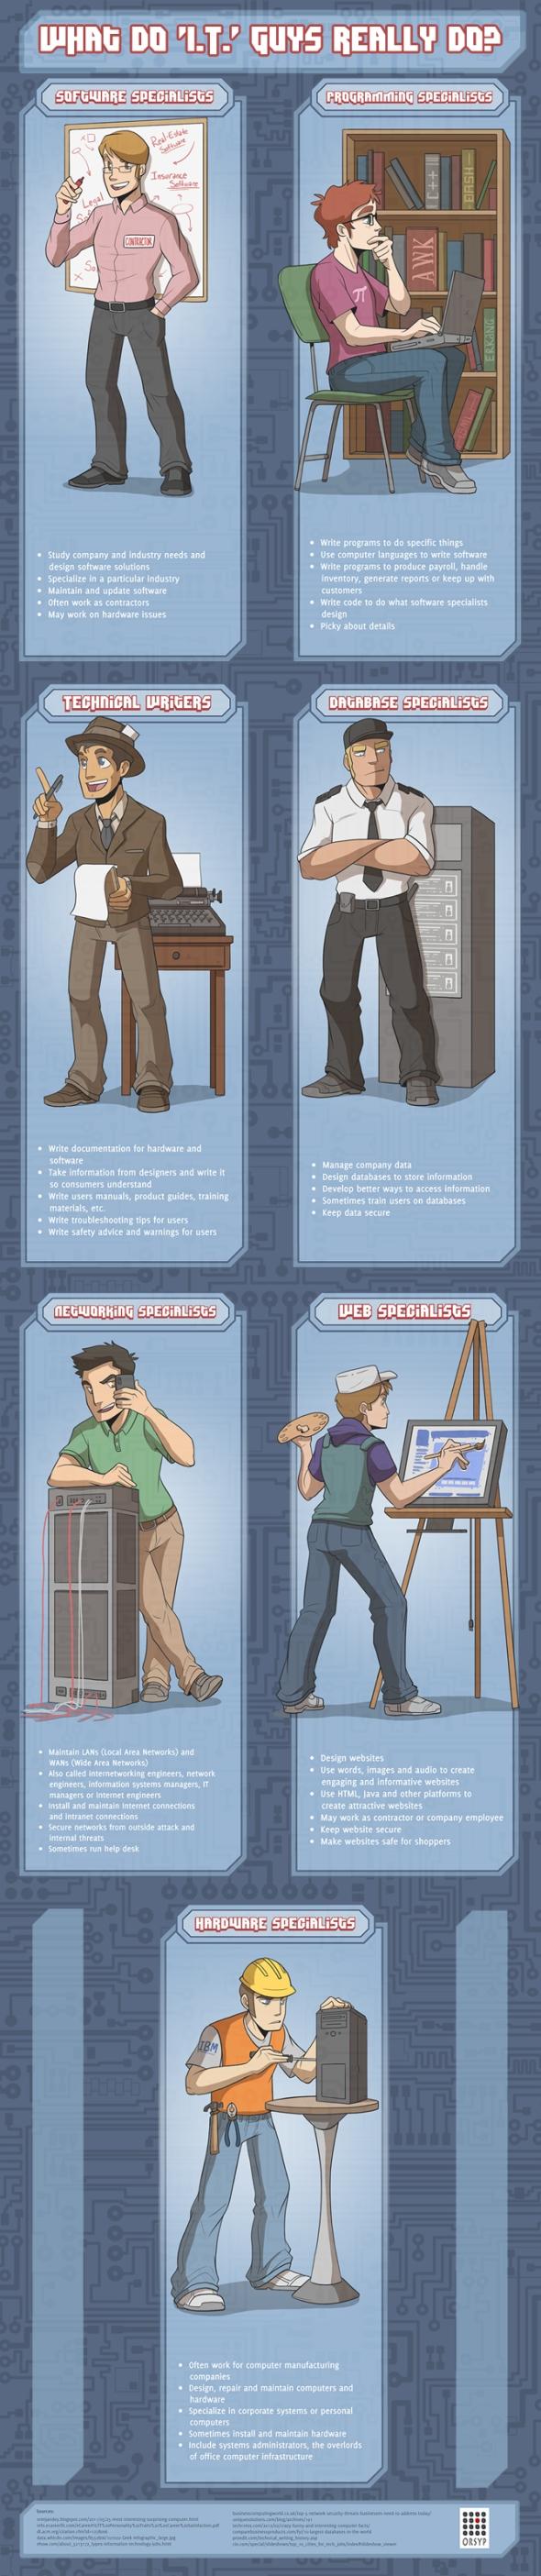 it infographic